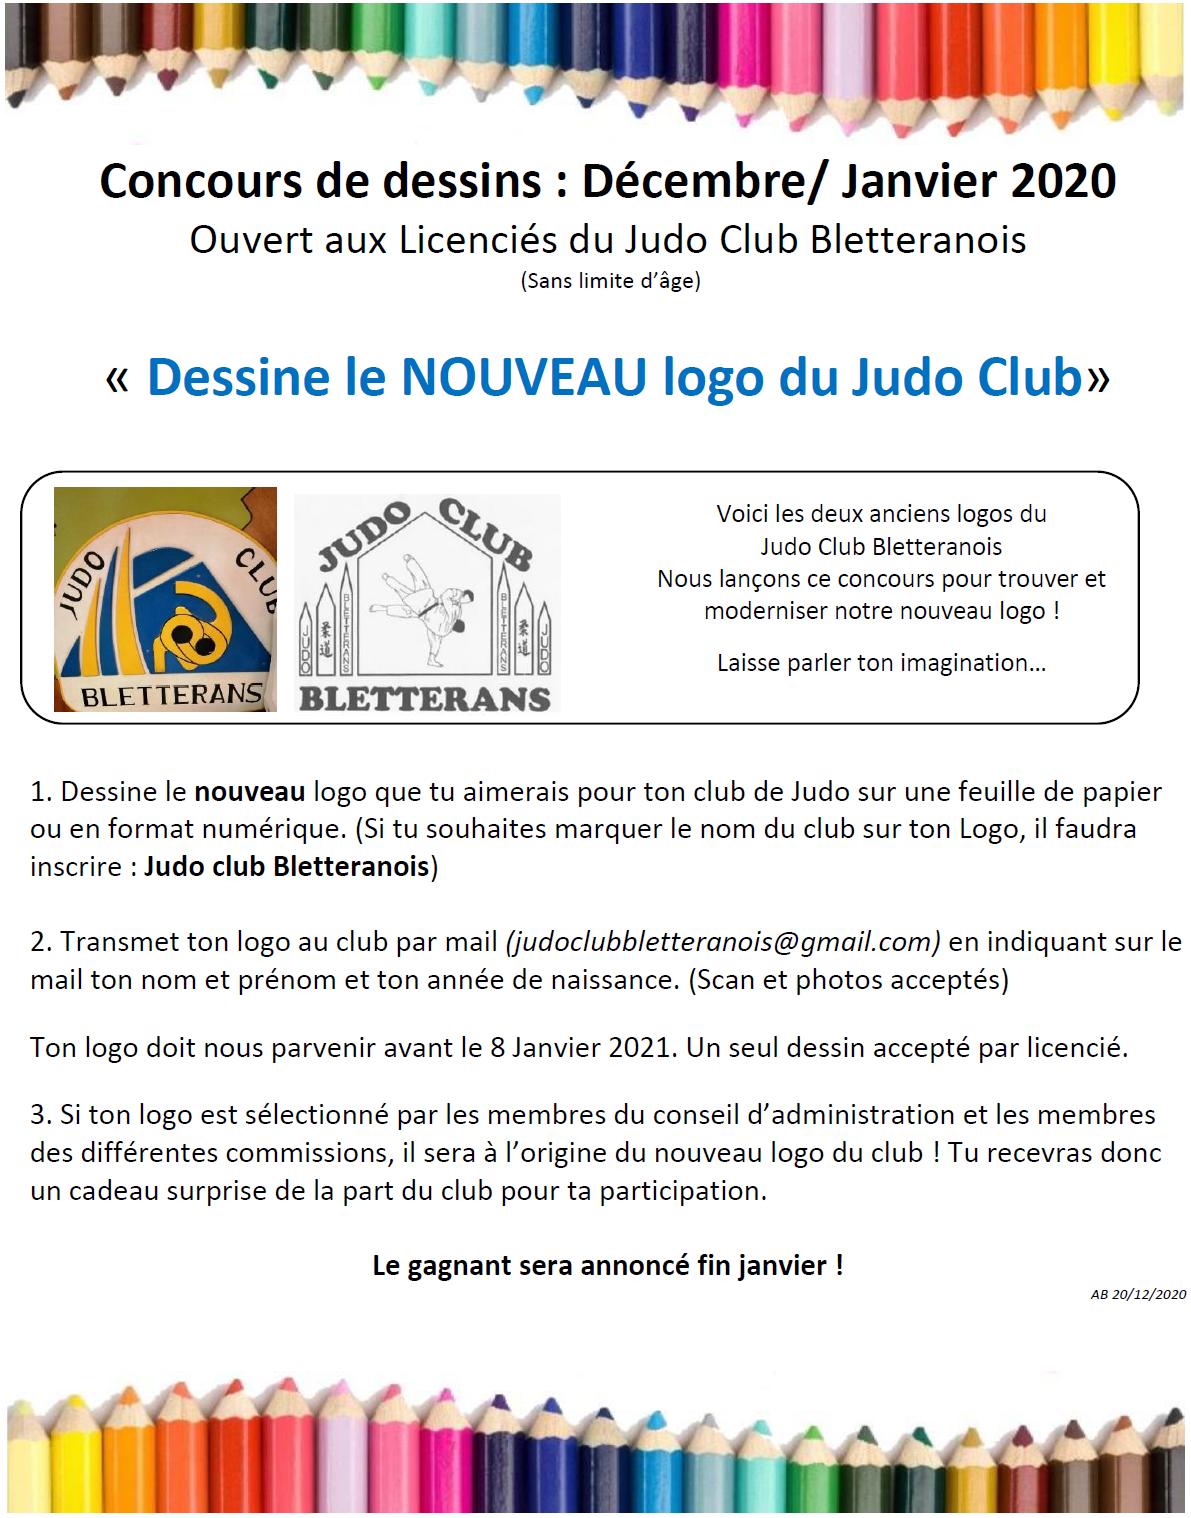 Concours dessins dec 2020 logo du club